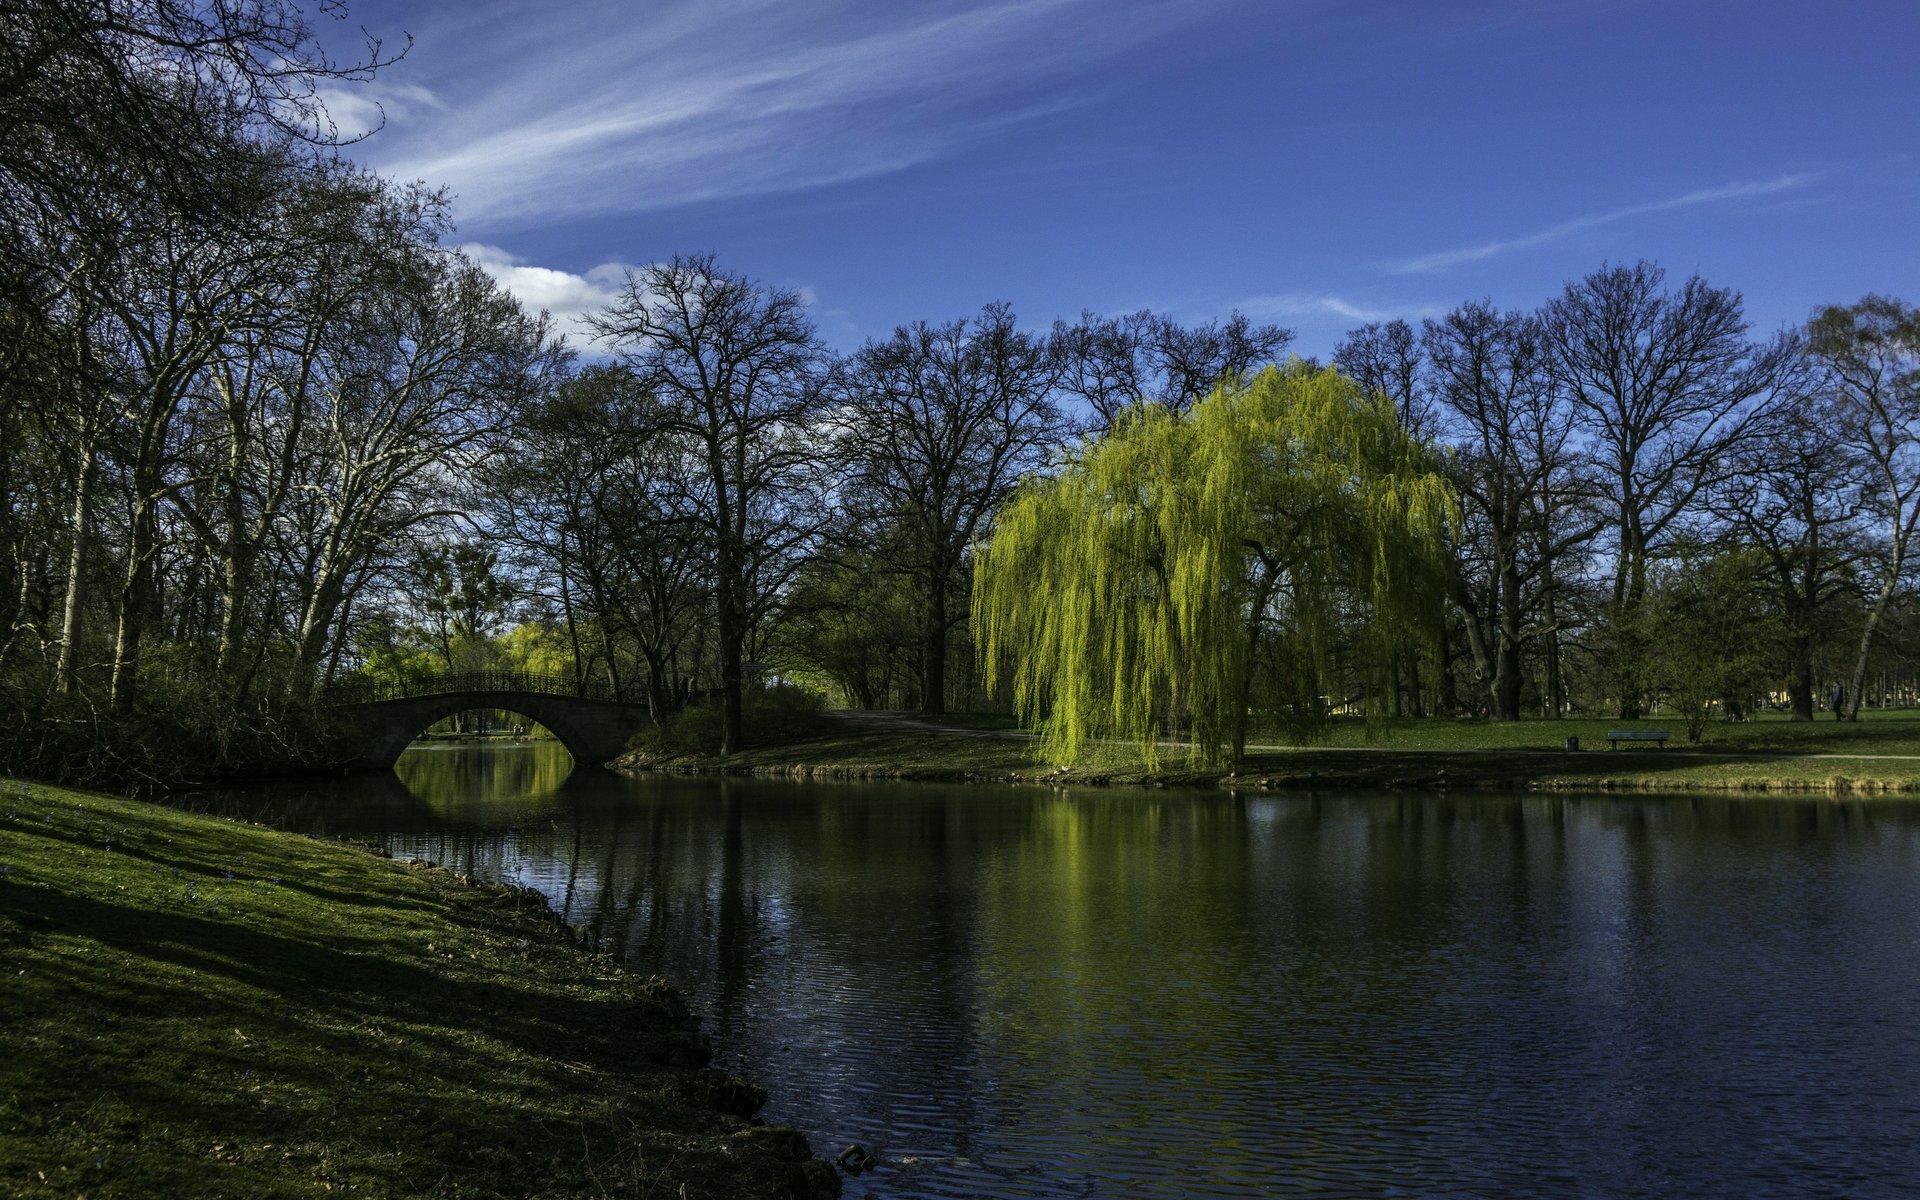 Brücke in der Nähe des Leibniztempels im Georgengarten